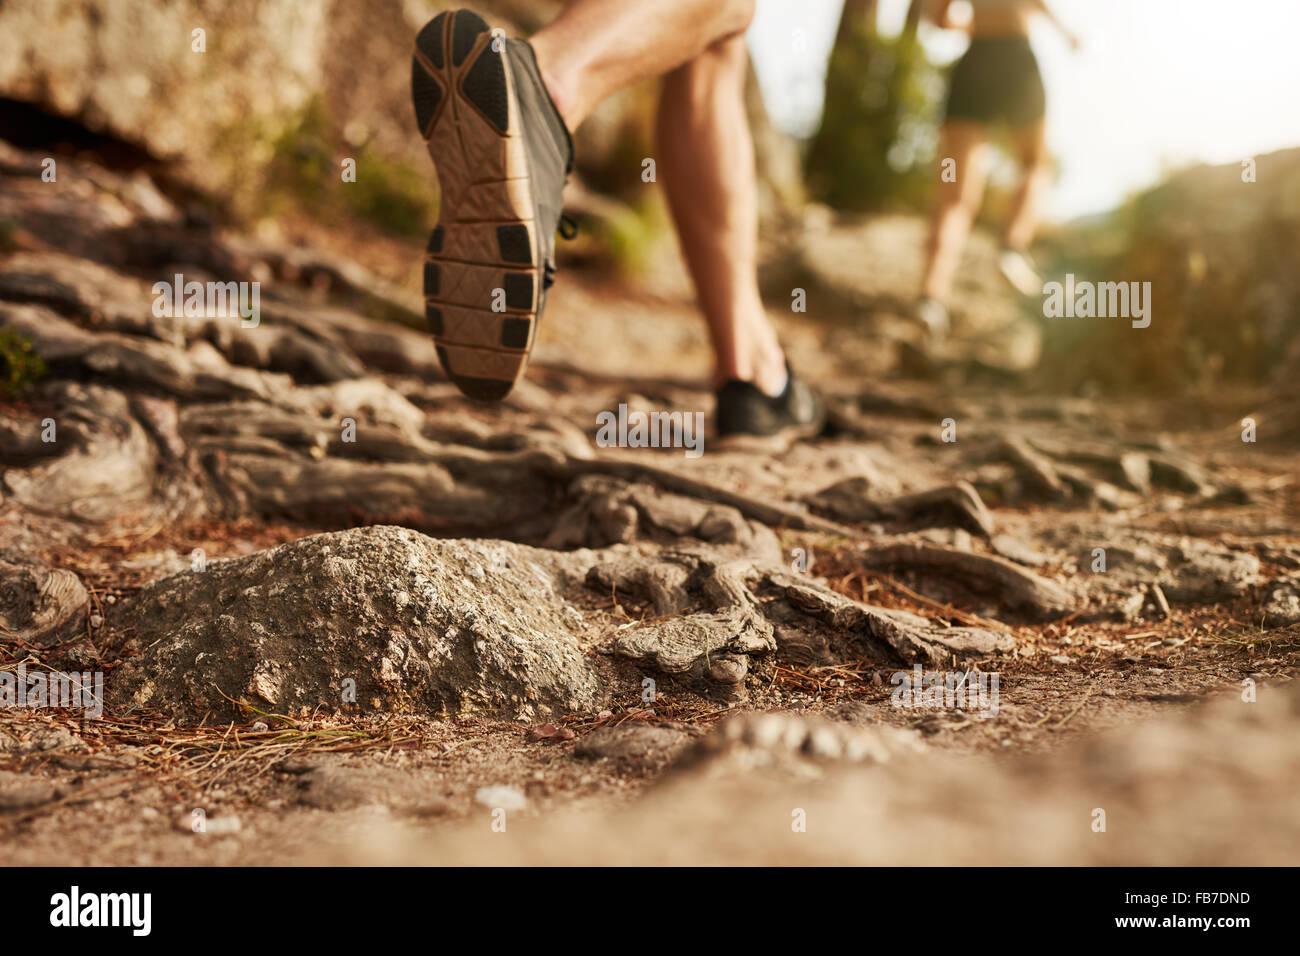 Cross country in esecuzione. Primo piano dei maschi di piedi corrono attraverso il terreno roccioso. Focus sulle Immagini Stock